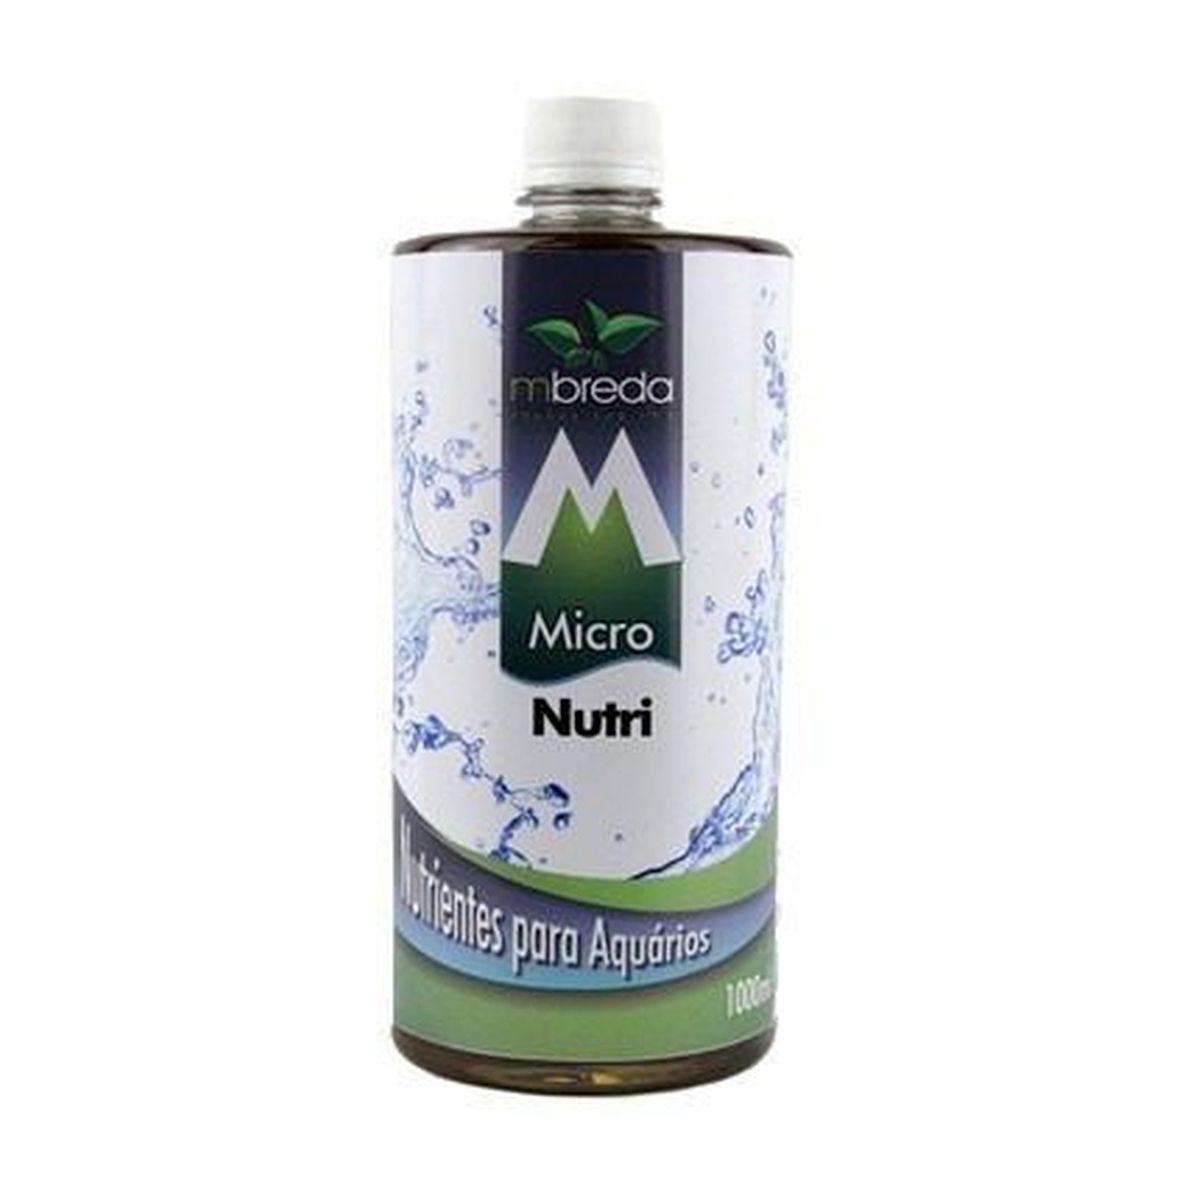 Fertilizante Mbreda Micronutri 1litro Nutrientes P/ Aquários